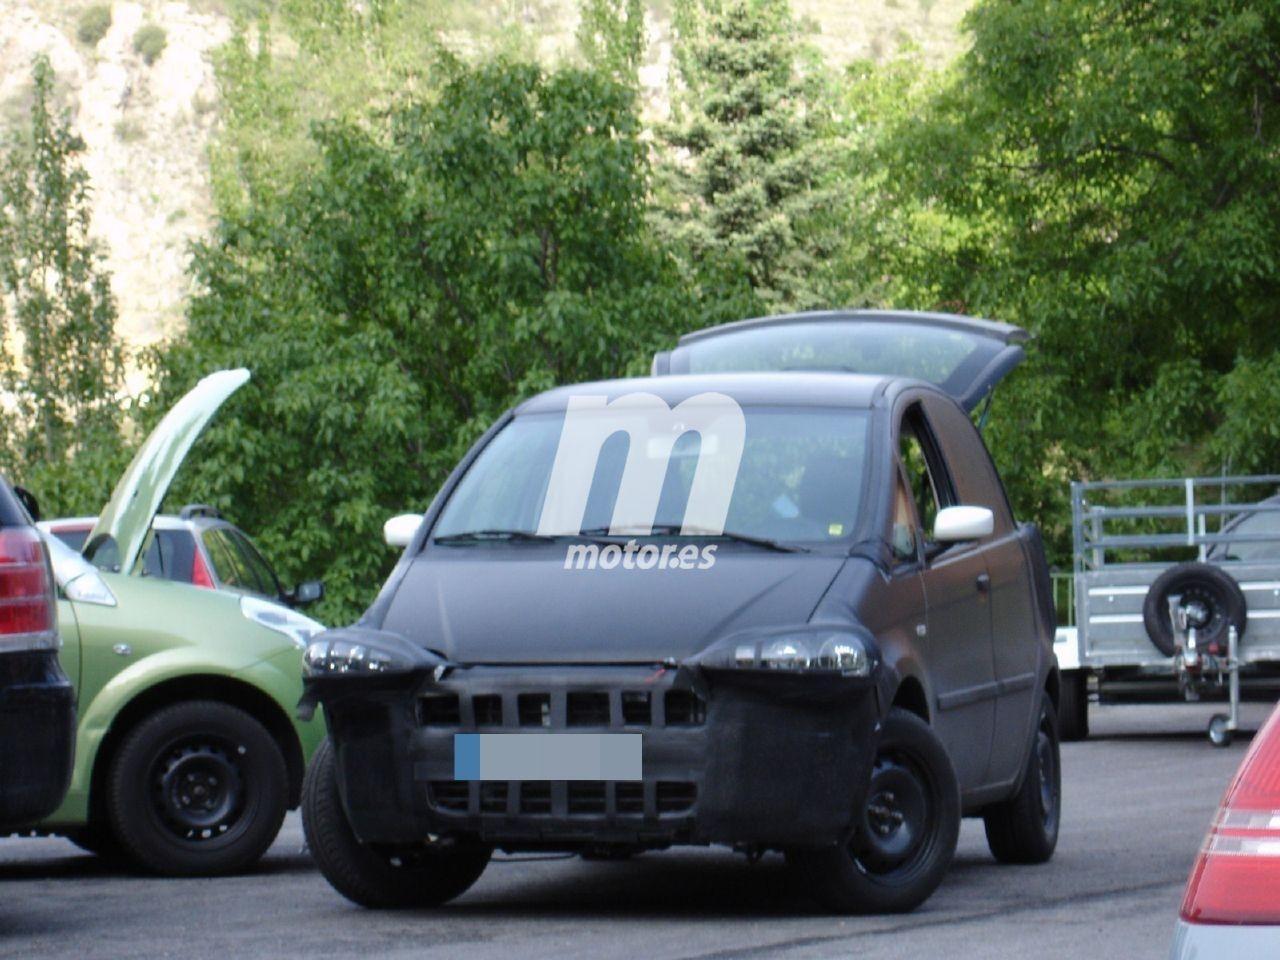 La mula del Fiat Idea que se transformó en el trío de comerciales de Tofas en 2007